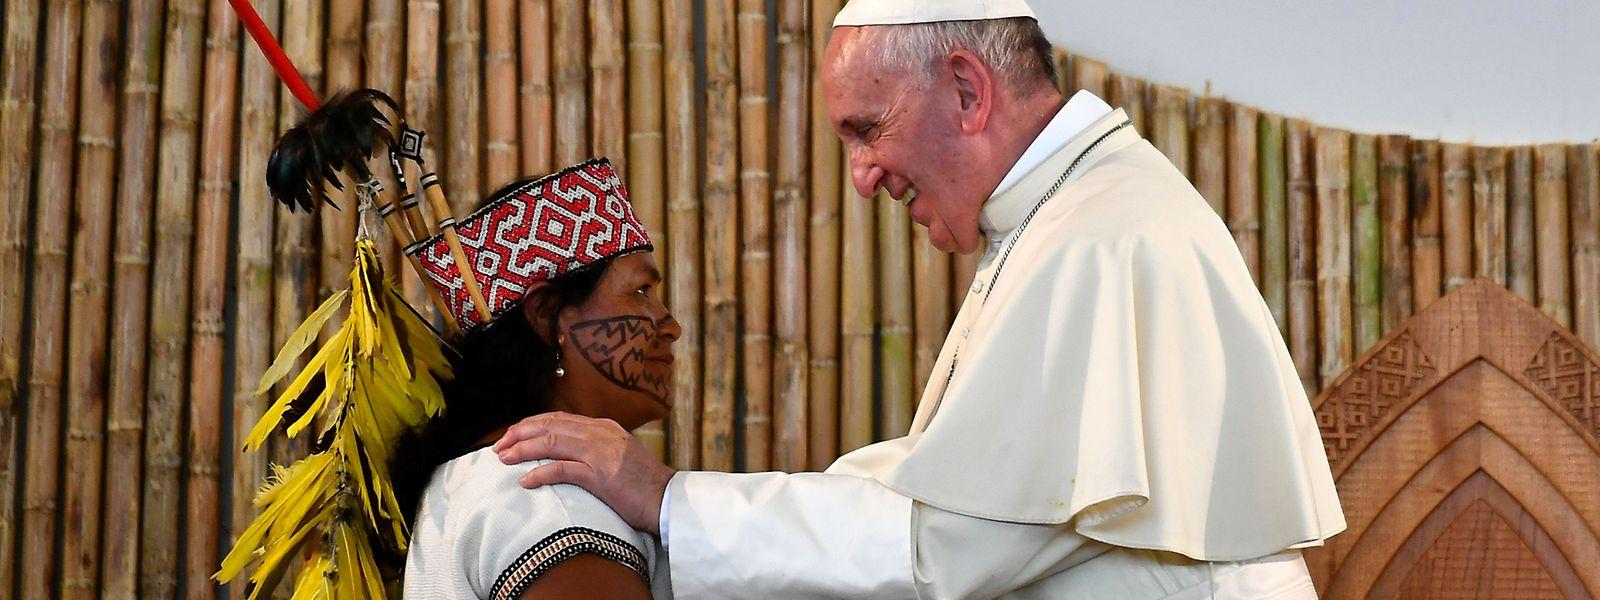 Die Kultur der indigenen Völker sei bedroht, wenn sie ihren natürlichen Lebensraum verlören und in die Migration gezwungen würden, so der Papst.